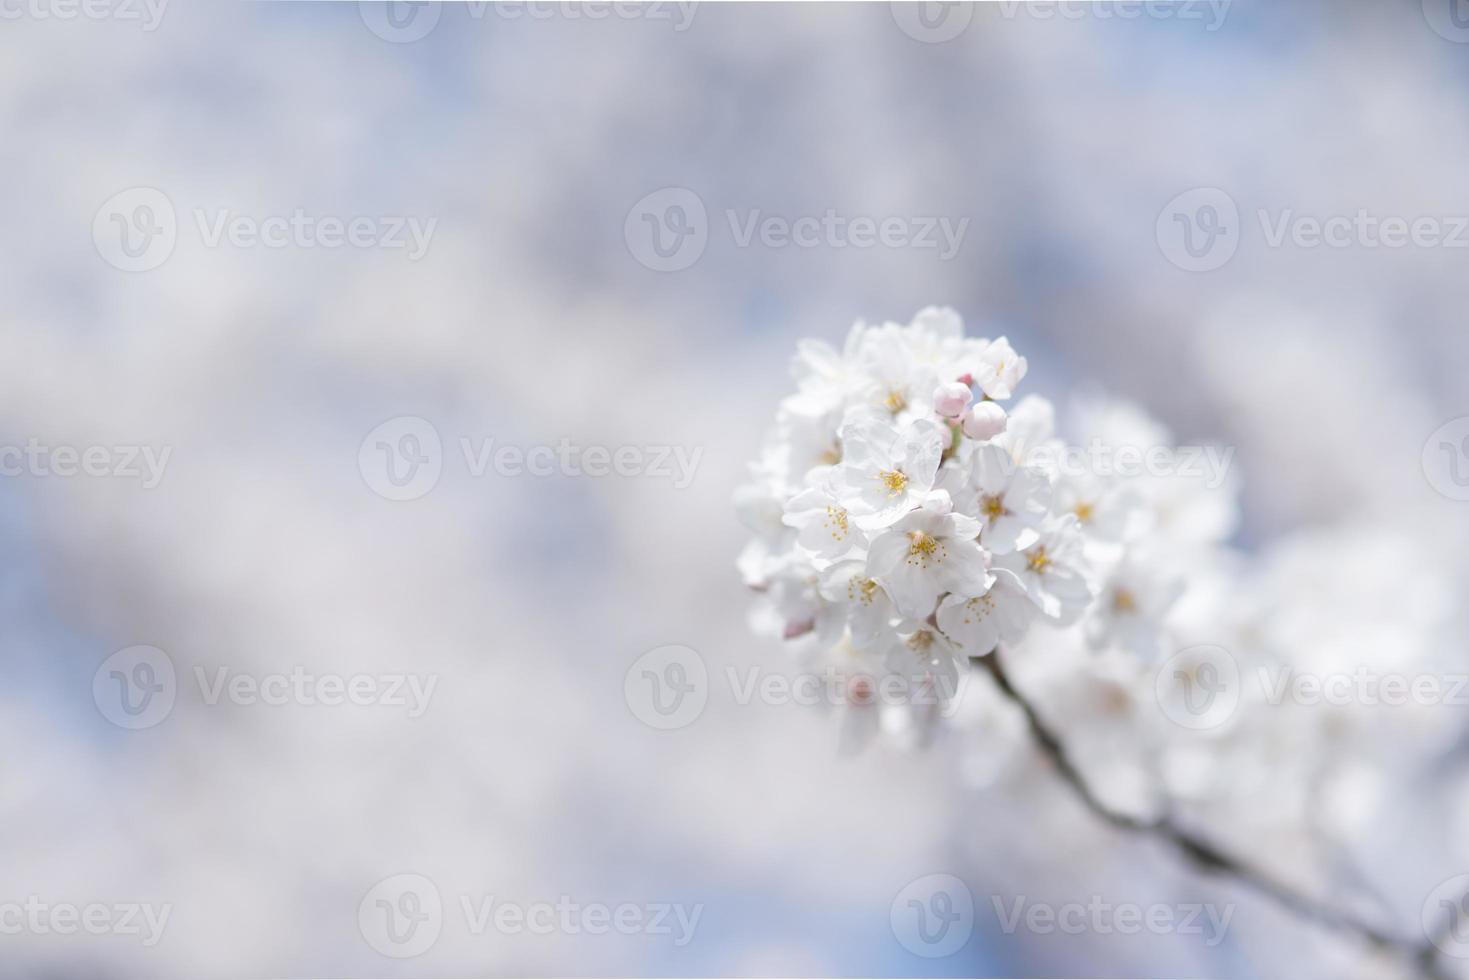 Cherry blossom Image                  white  Cherry blossoms photo